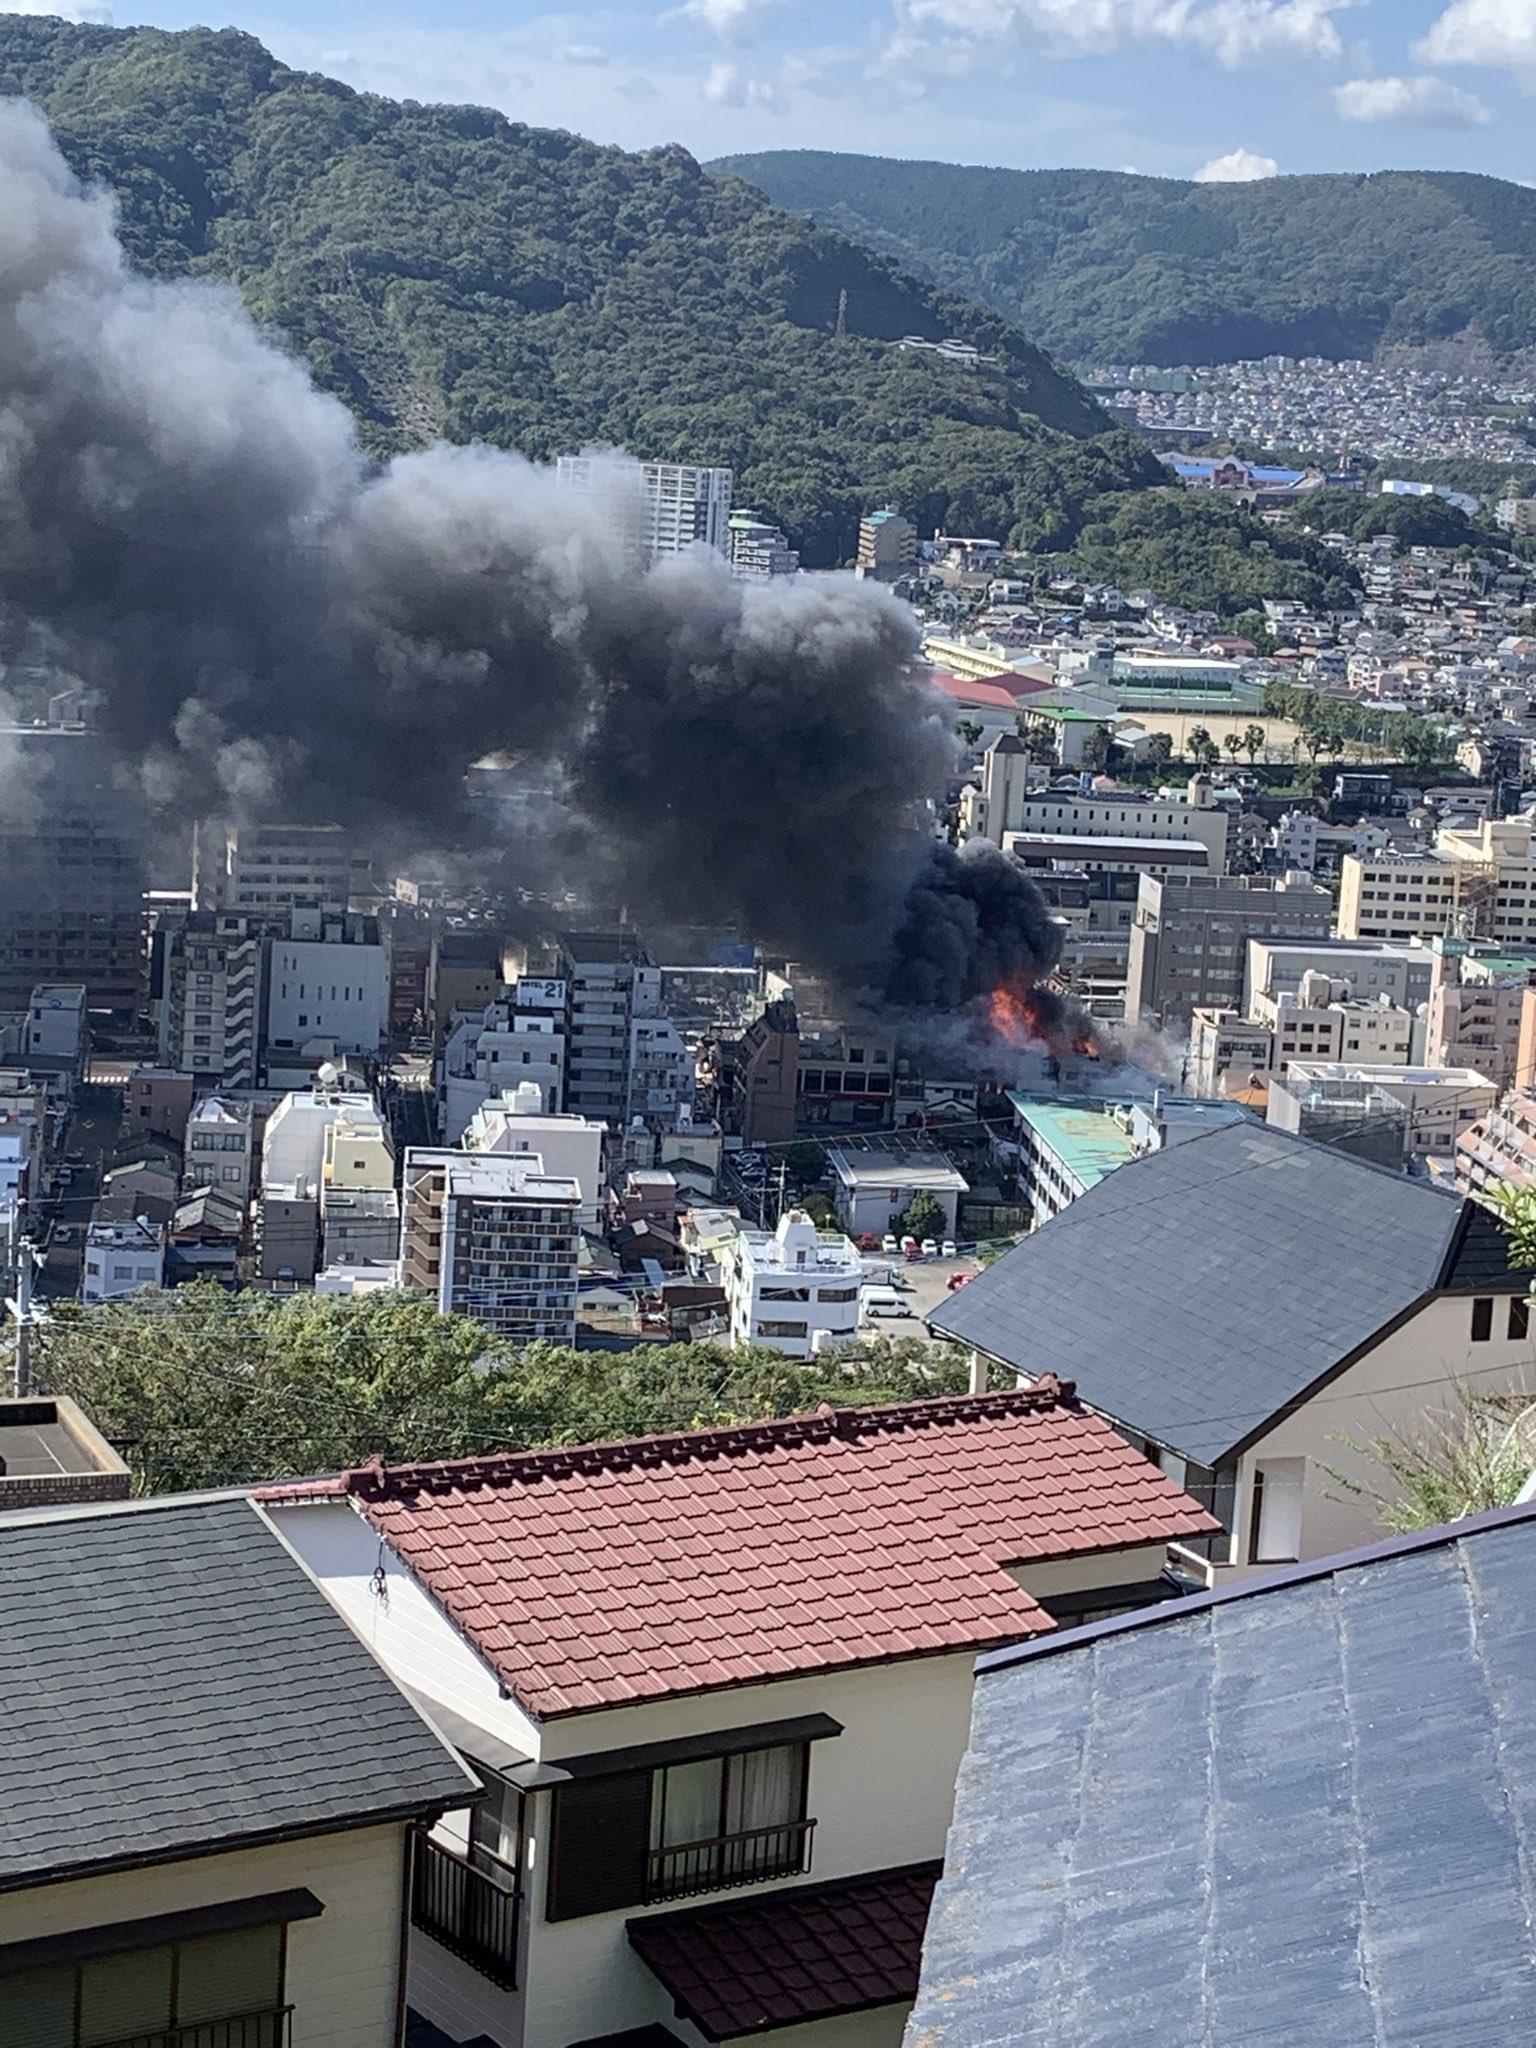 画像,アニトモオープンです🙆♂️本日は21時ナナちゃん、22時マメちゃん、24時トモちゃんです🥰フルメンバーでお待ちしております🙋♂️今日の火事はケガ人などなくよ…